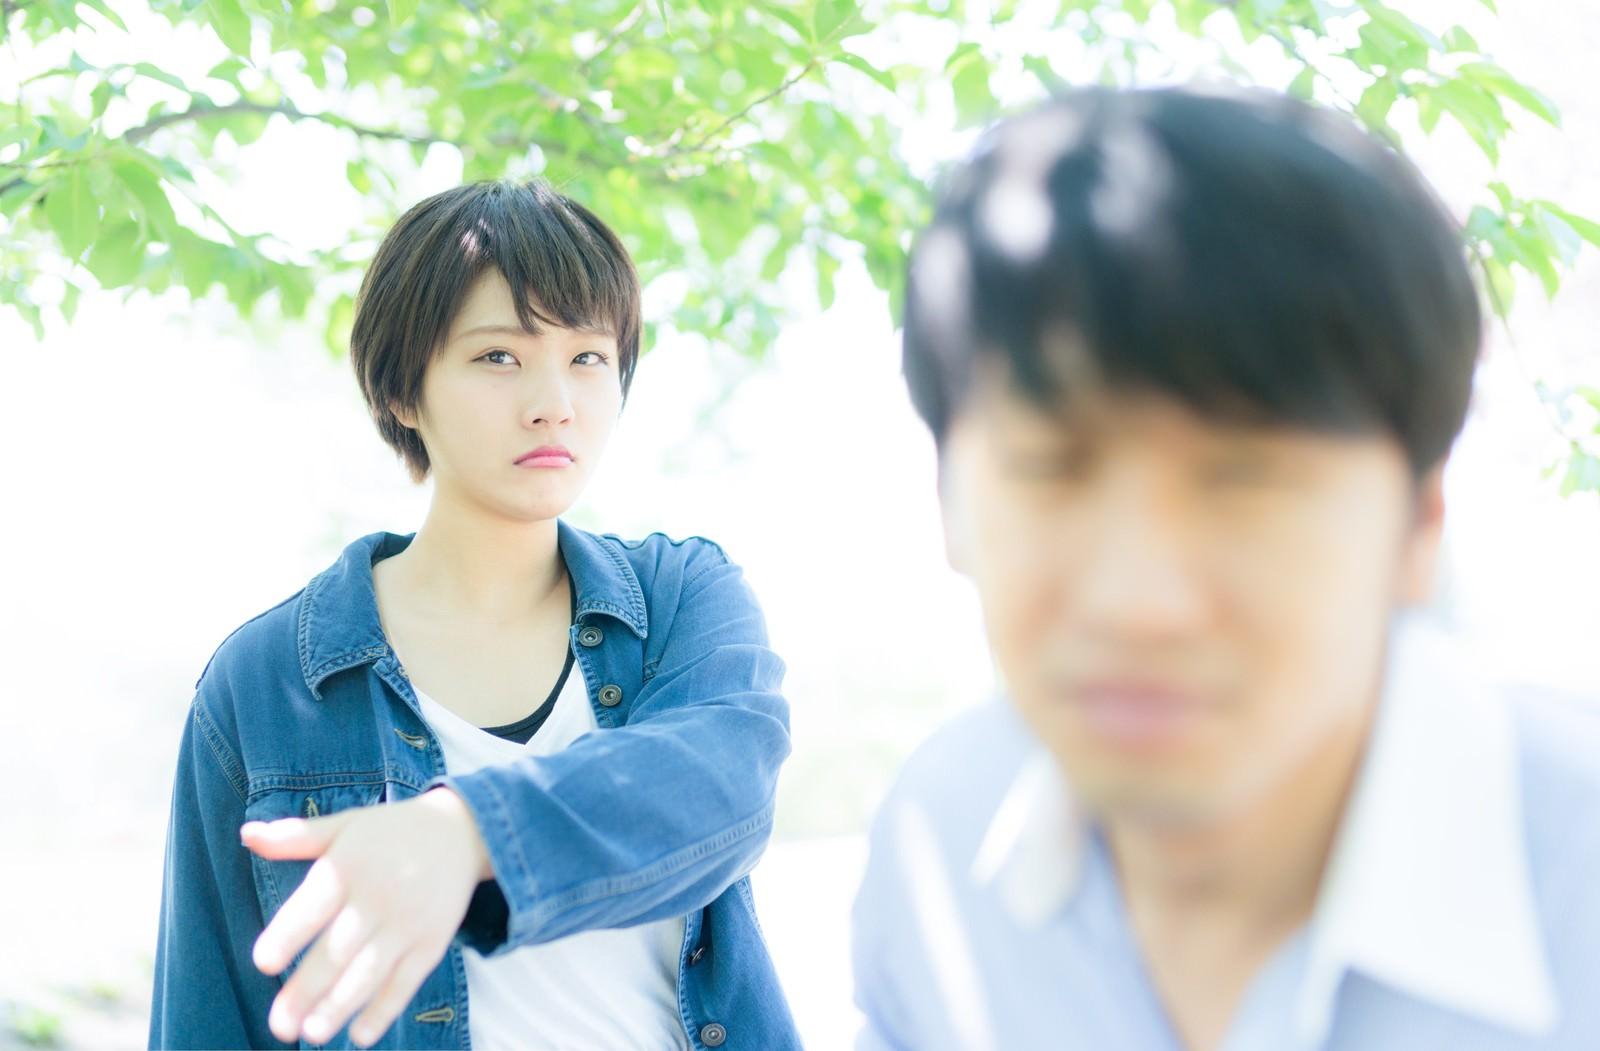 「デート中失言を連発する彼氏にビンタをおみまいする彼女デート中失言を連発する彼氏にビンタをおみまいする彼女」[モデル:モデルヒロ 大川竜弥]のフリー写真素材を拡大